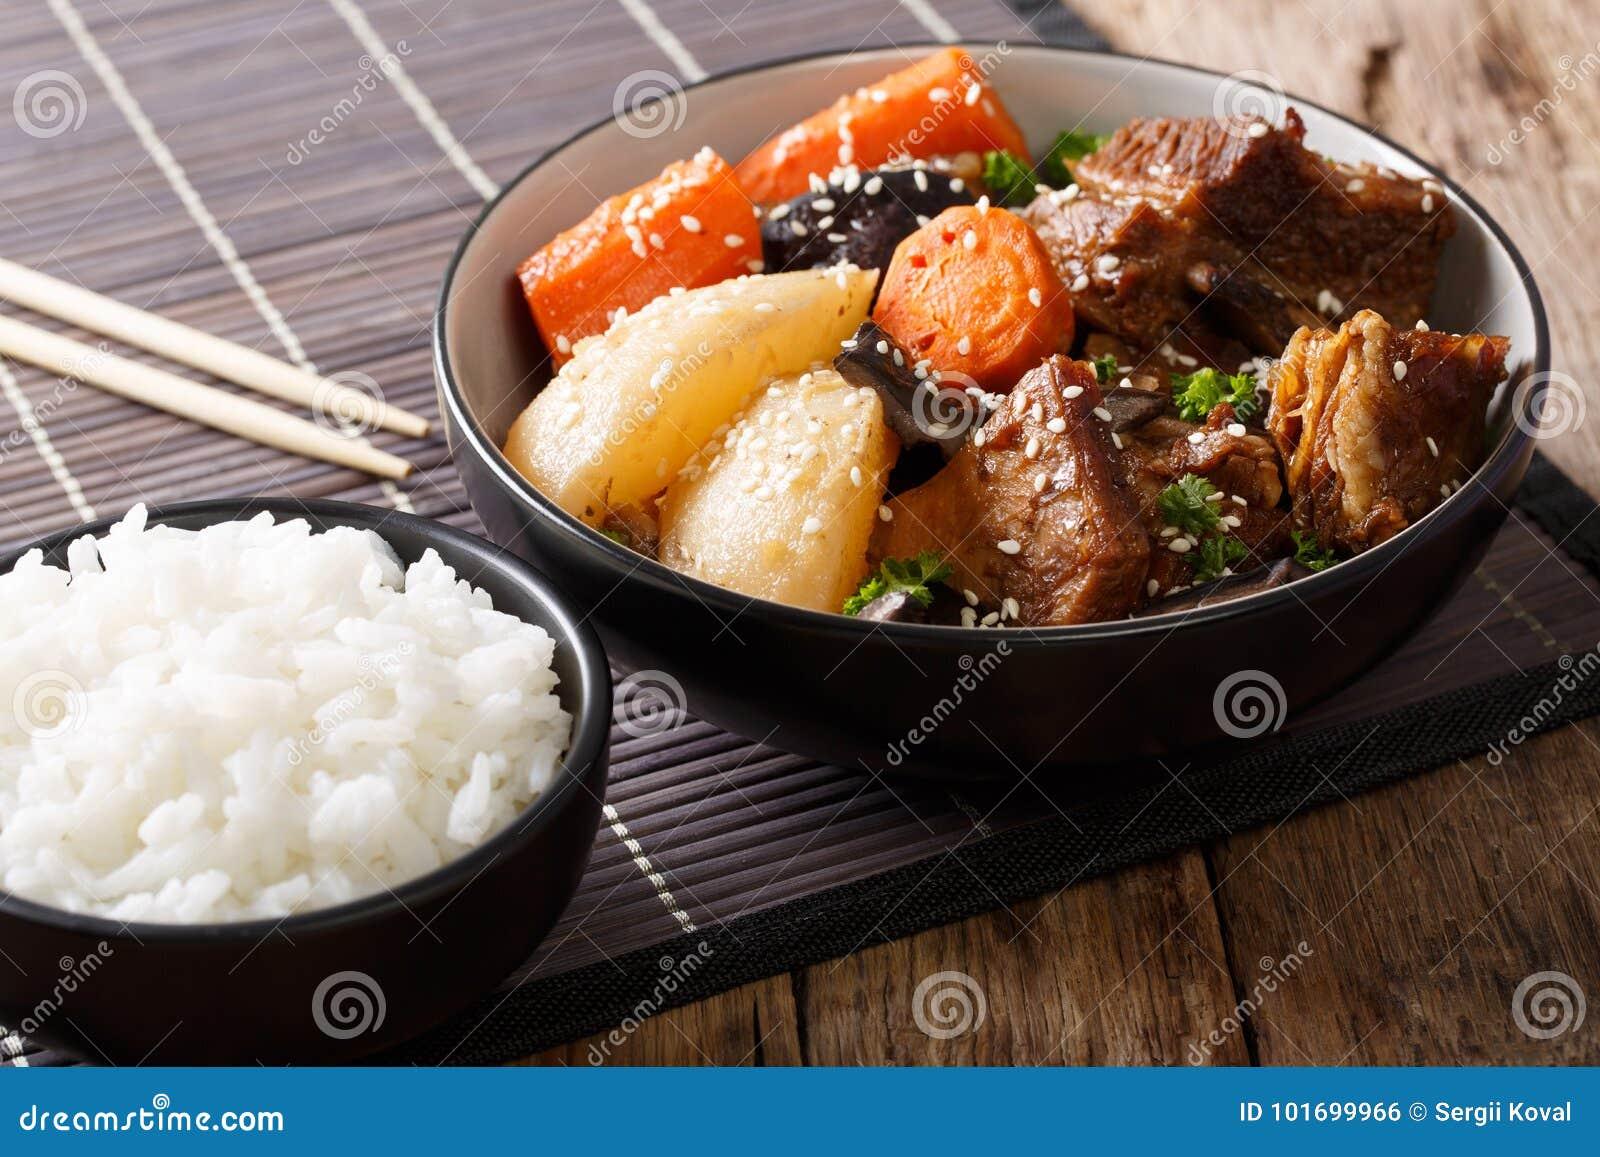 Galbi jjim or Kalbi Jim - Korean Braised Beef Short Ribs with ri